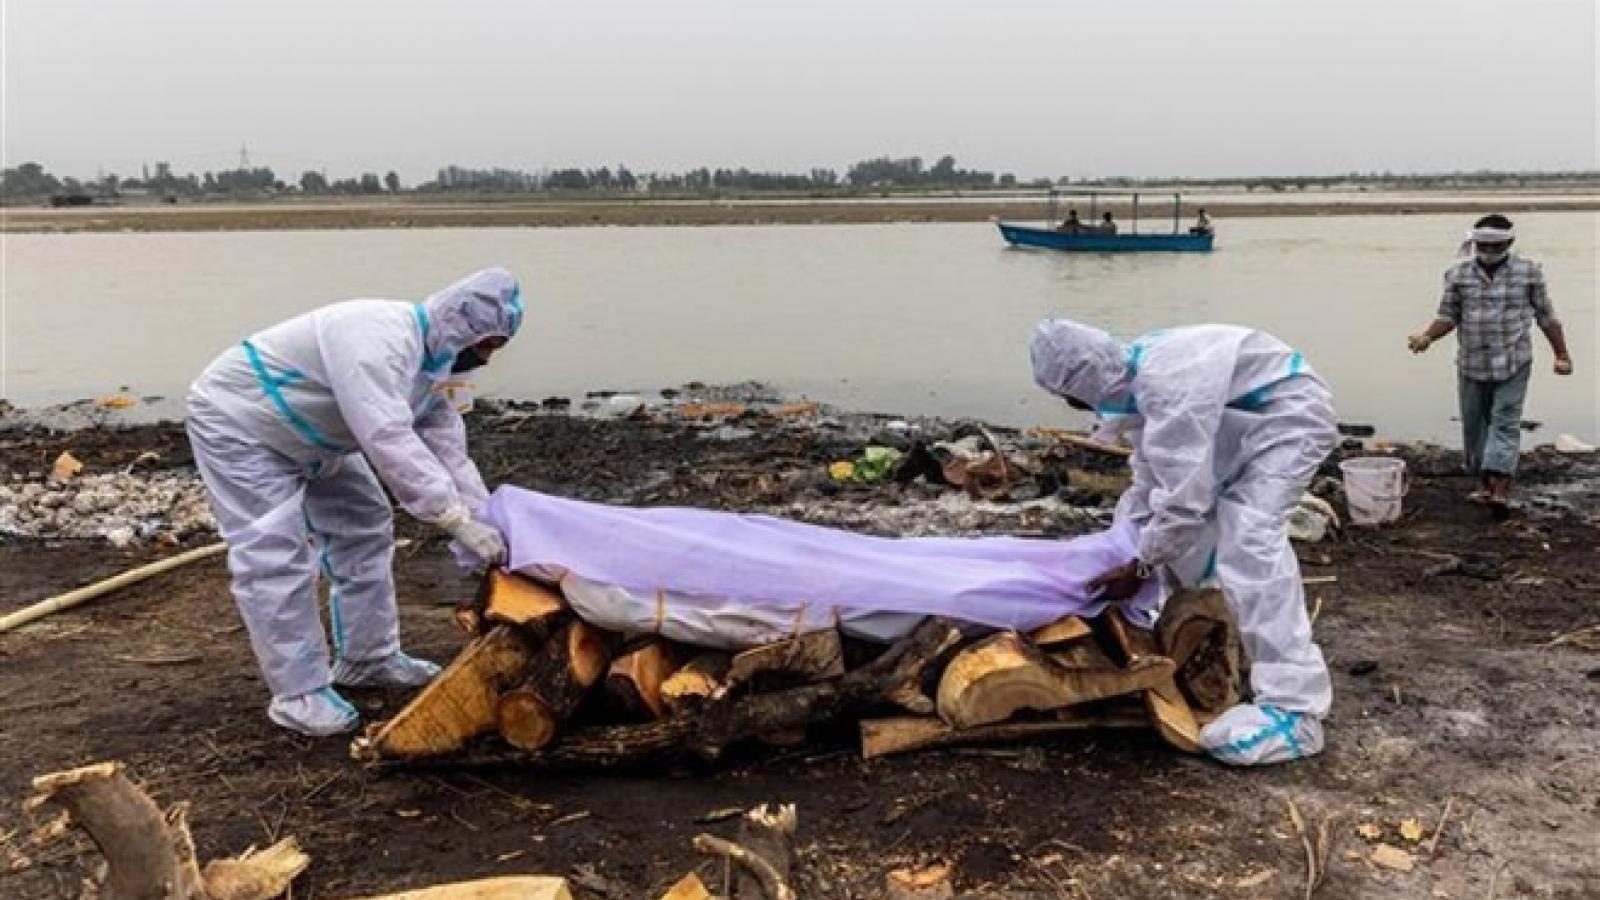 Gần 40 thi thể nghi của bệnh nhân Covid-19 dạt vào bờ sông Hằng